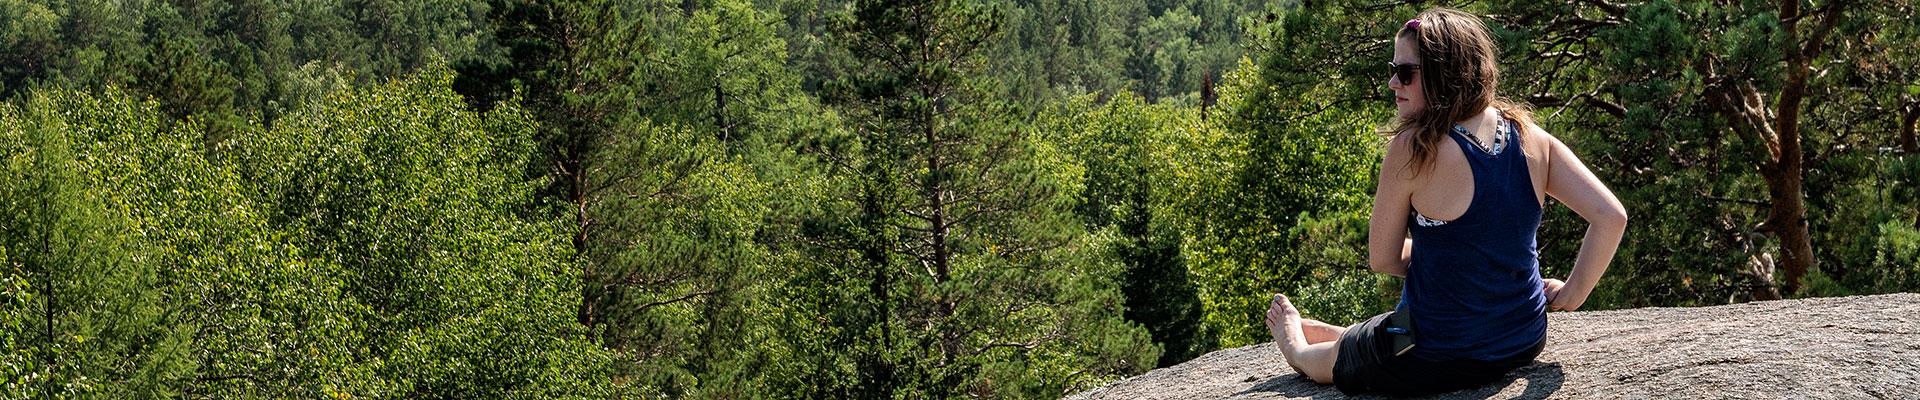 Top image réserve naturelle de Stolby, Russie